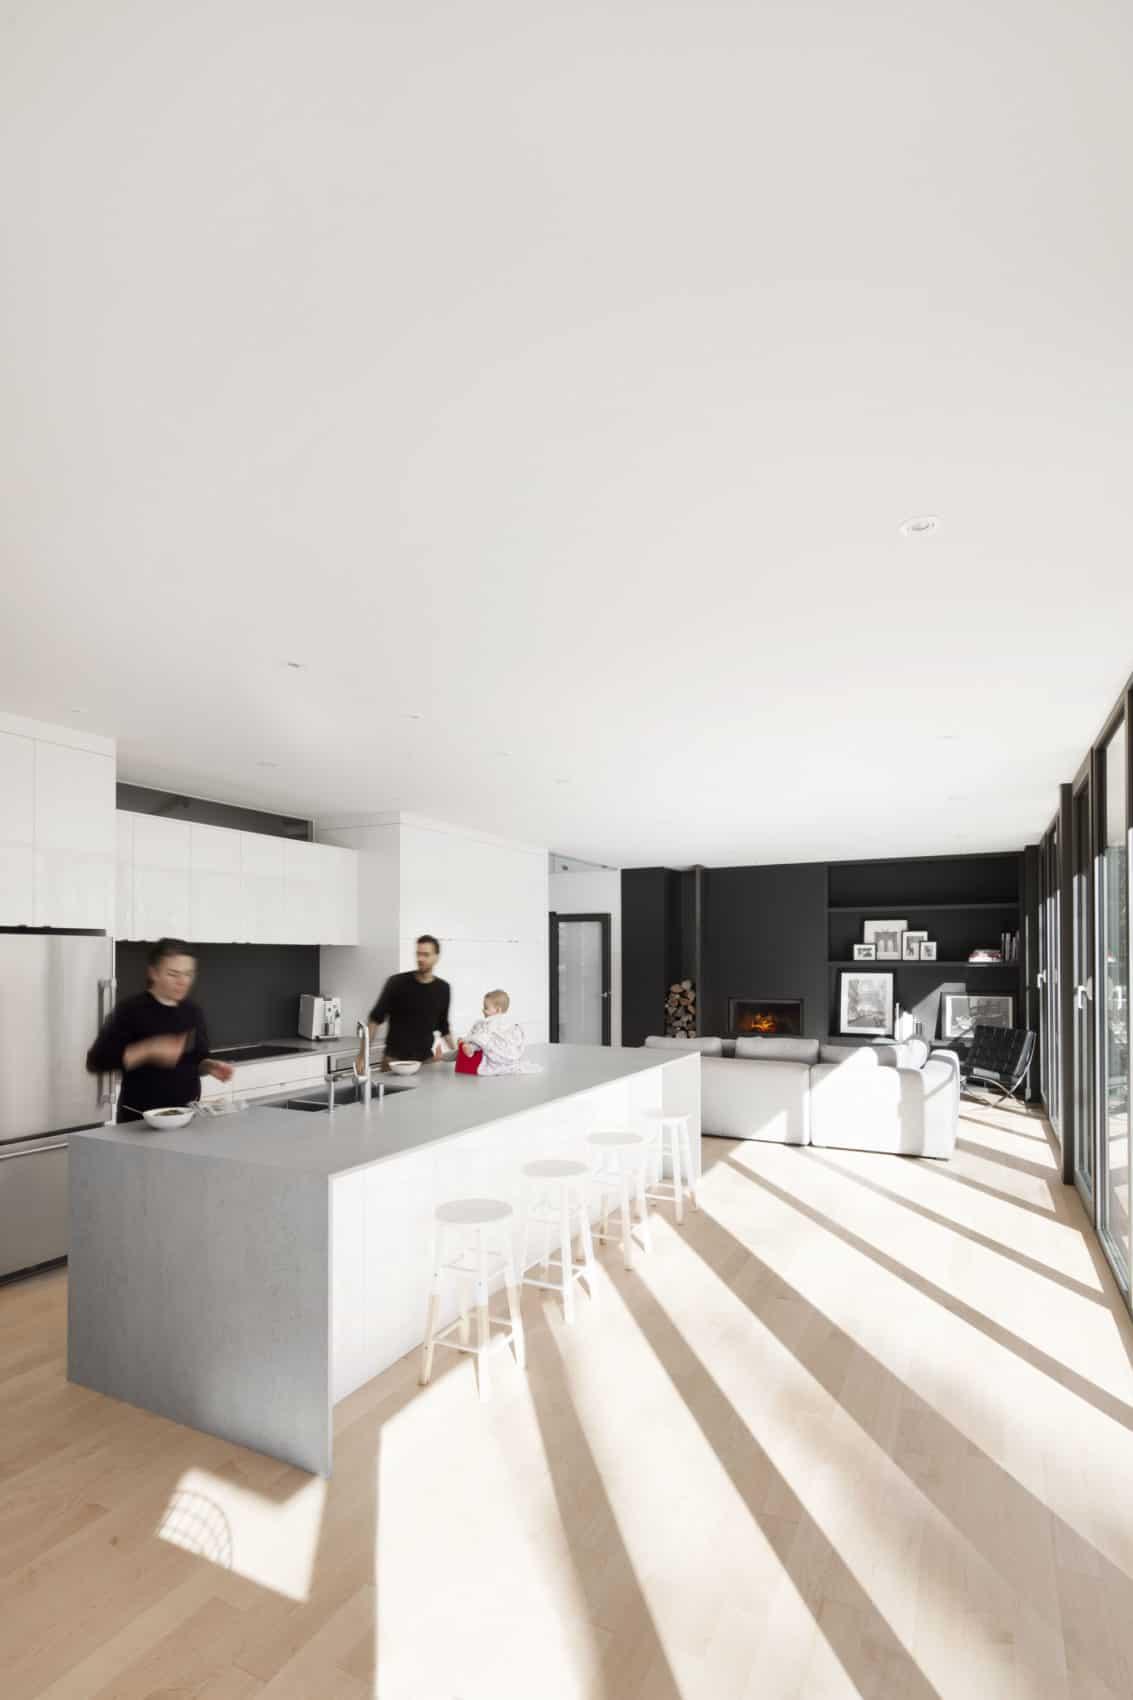 Résidence KL by Lechasseur architectes (7)